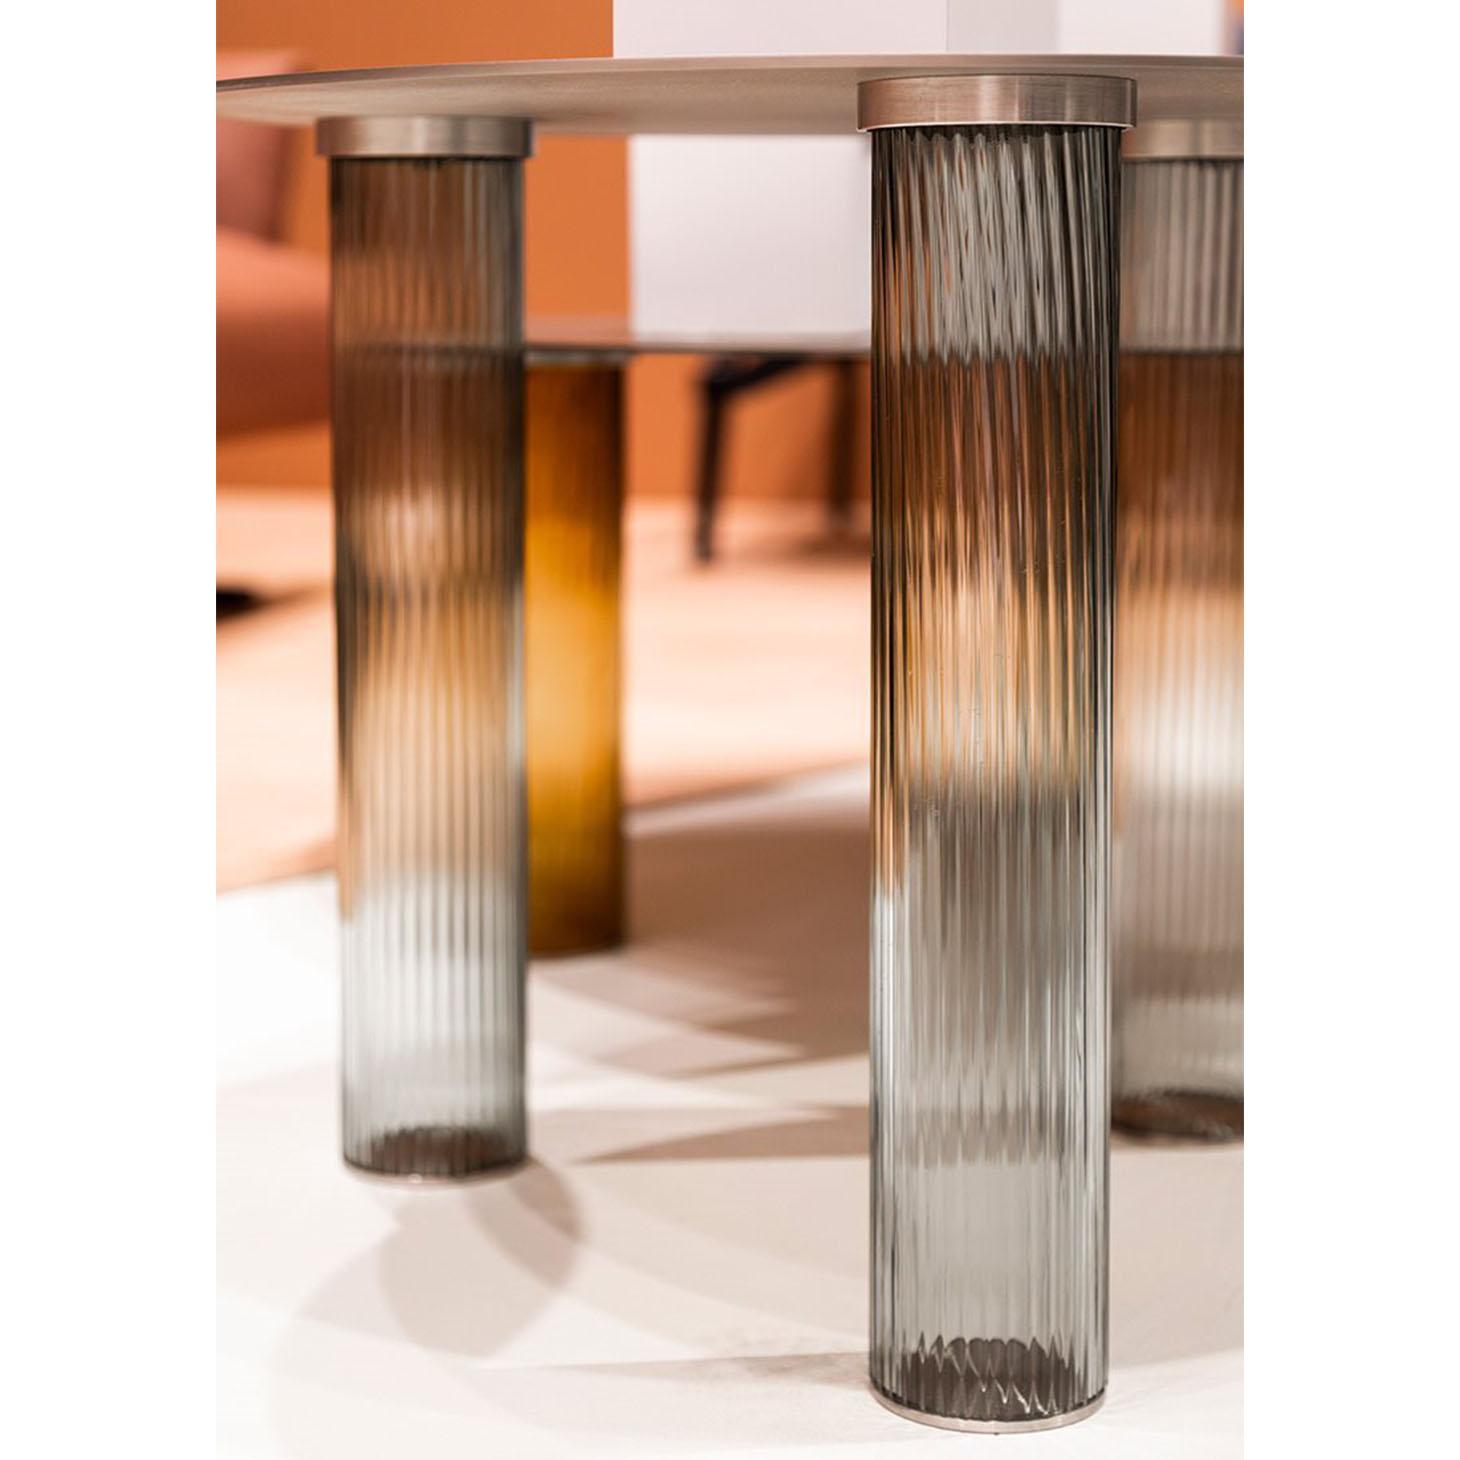 Echino table